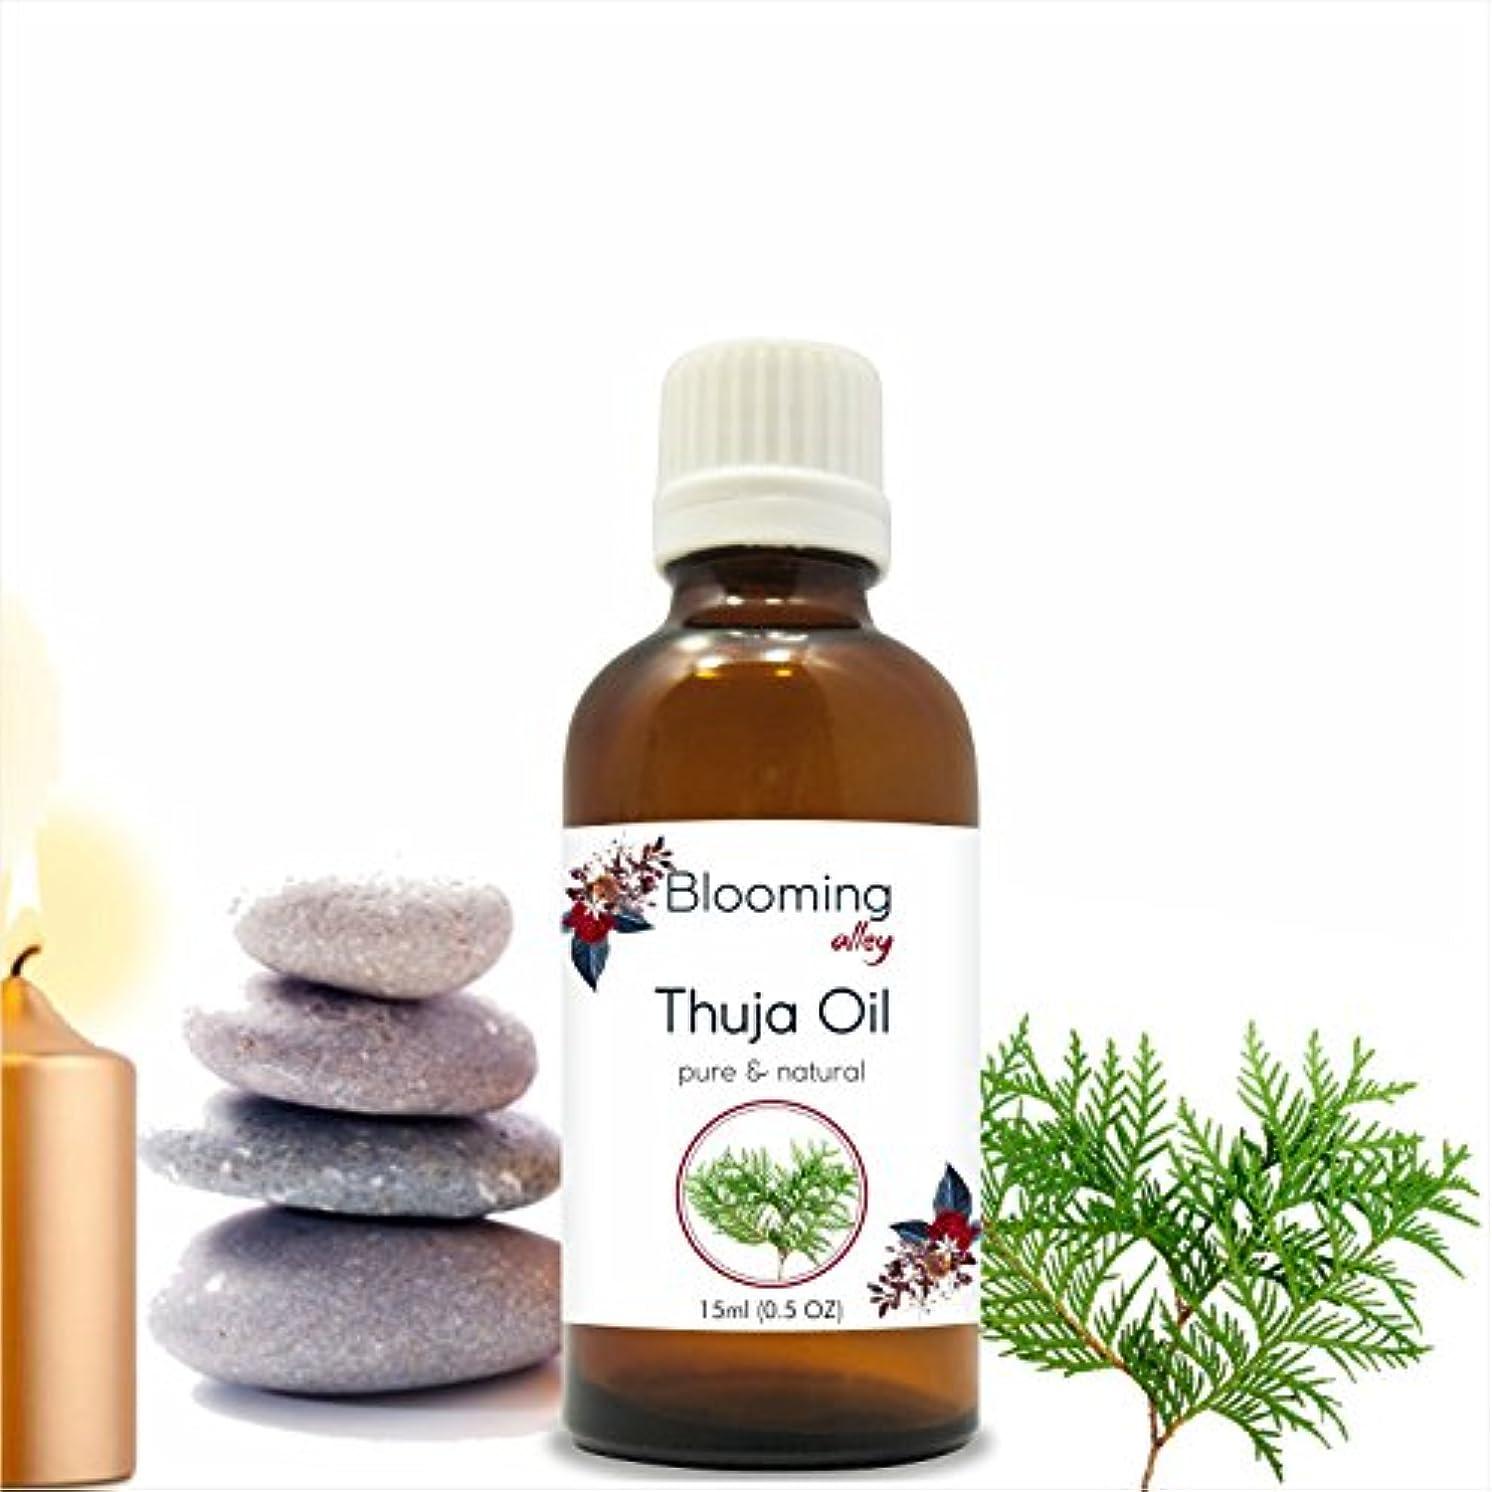 実装するシェル維持Thuja Oil(Thuja Orientali) Essential Oil 15 ml or .50 Fl Oz by Blooming Alley